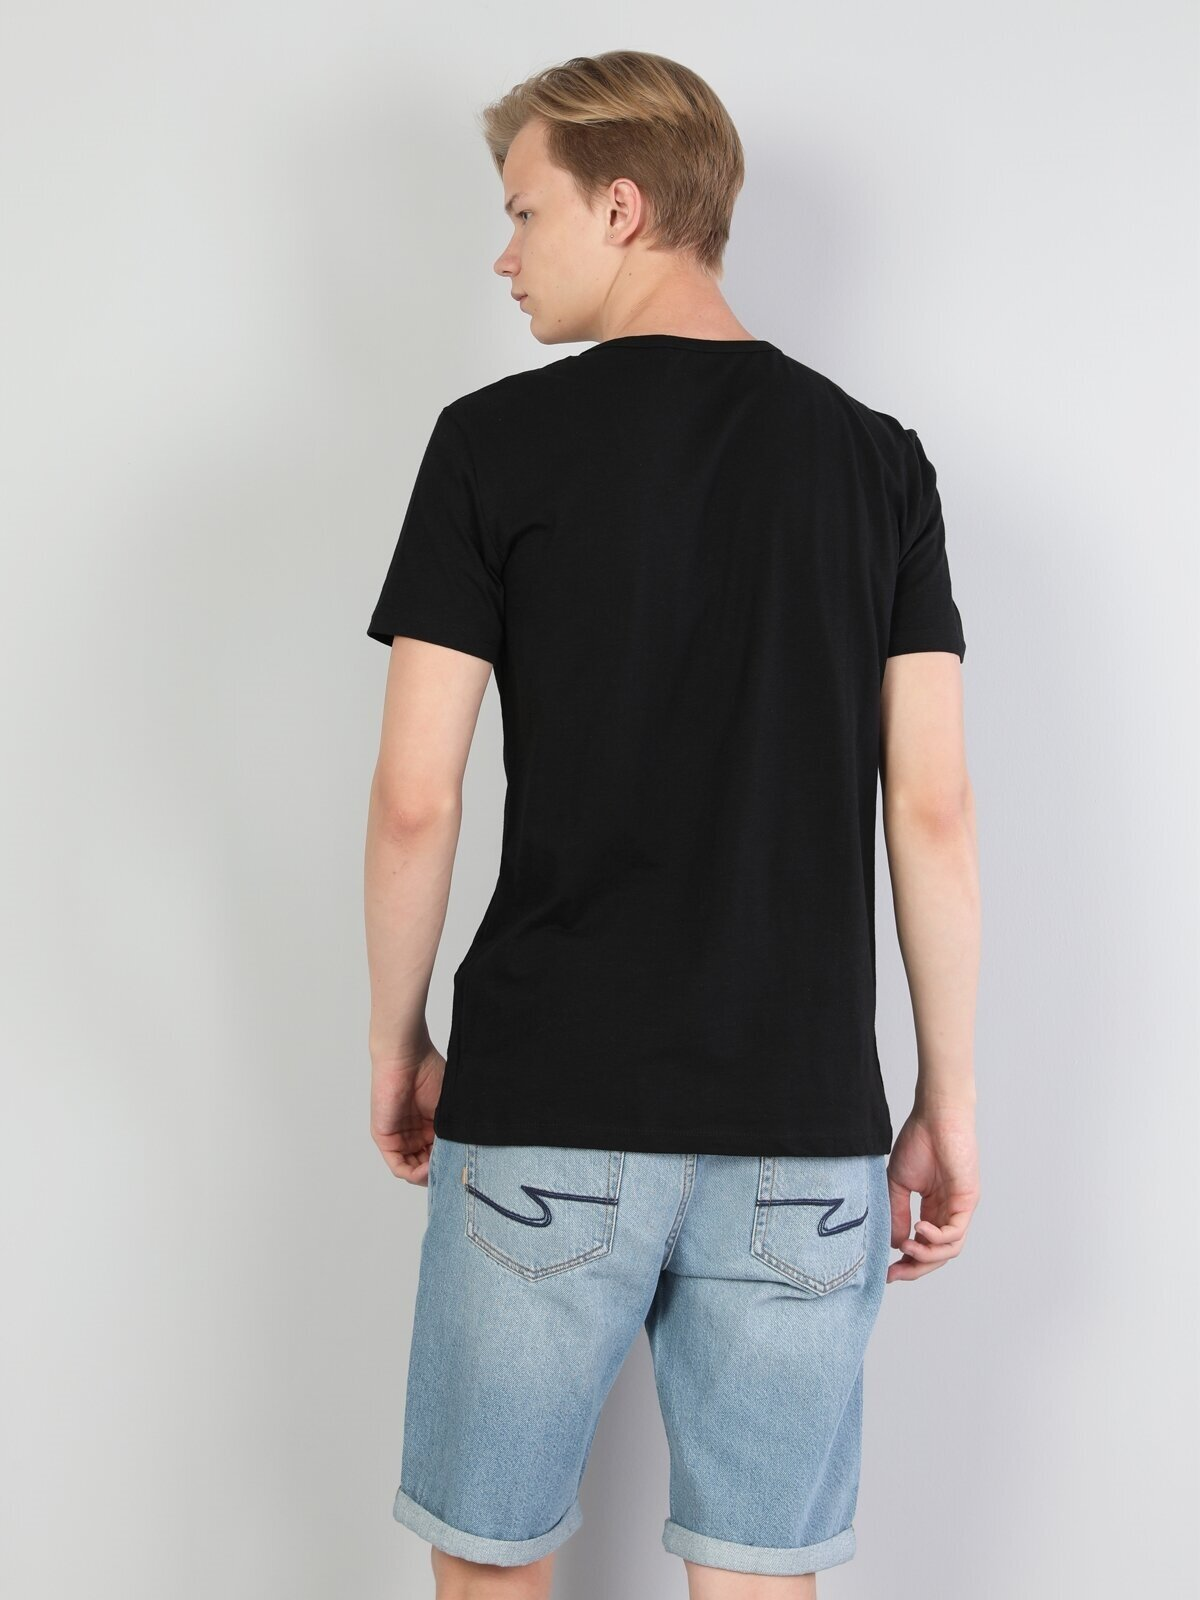 Показать информацию о Мужская футболка с коротким рукавом regular fit CL1046849